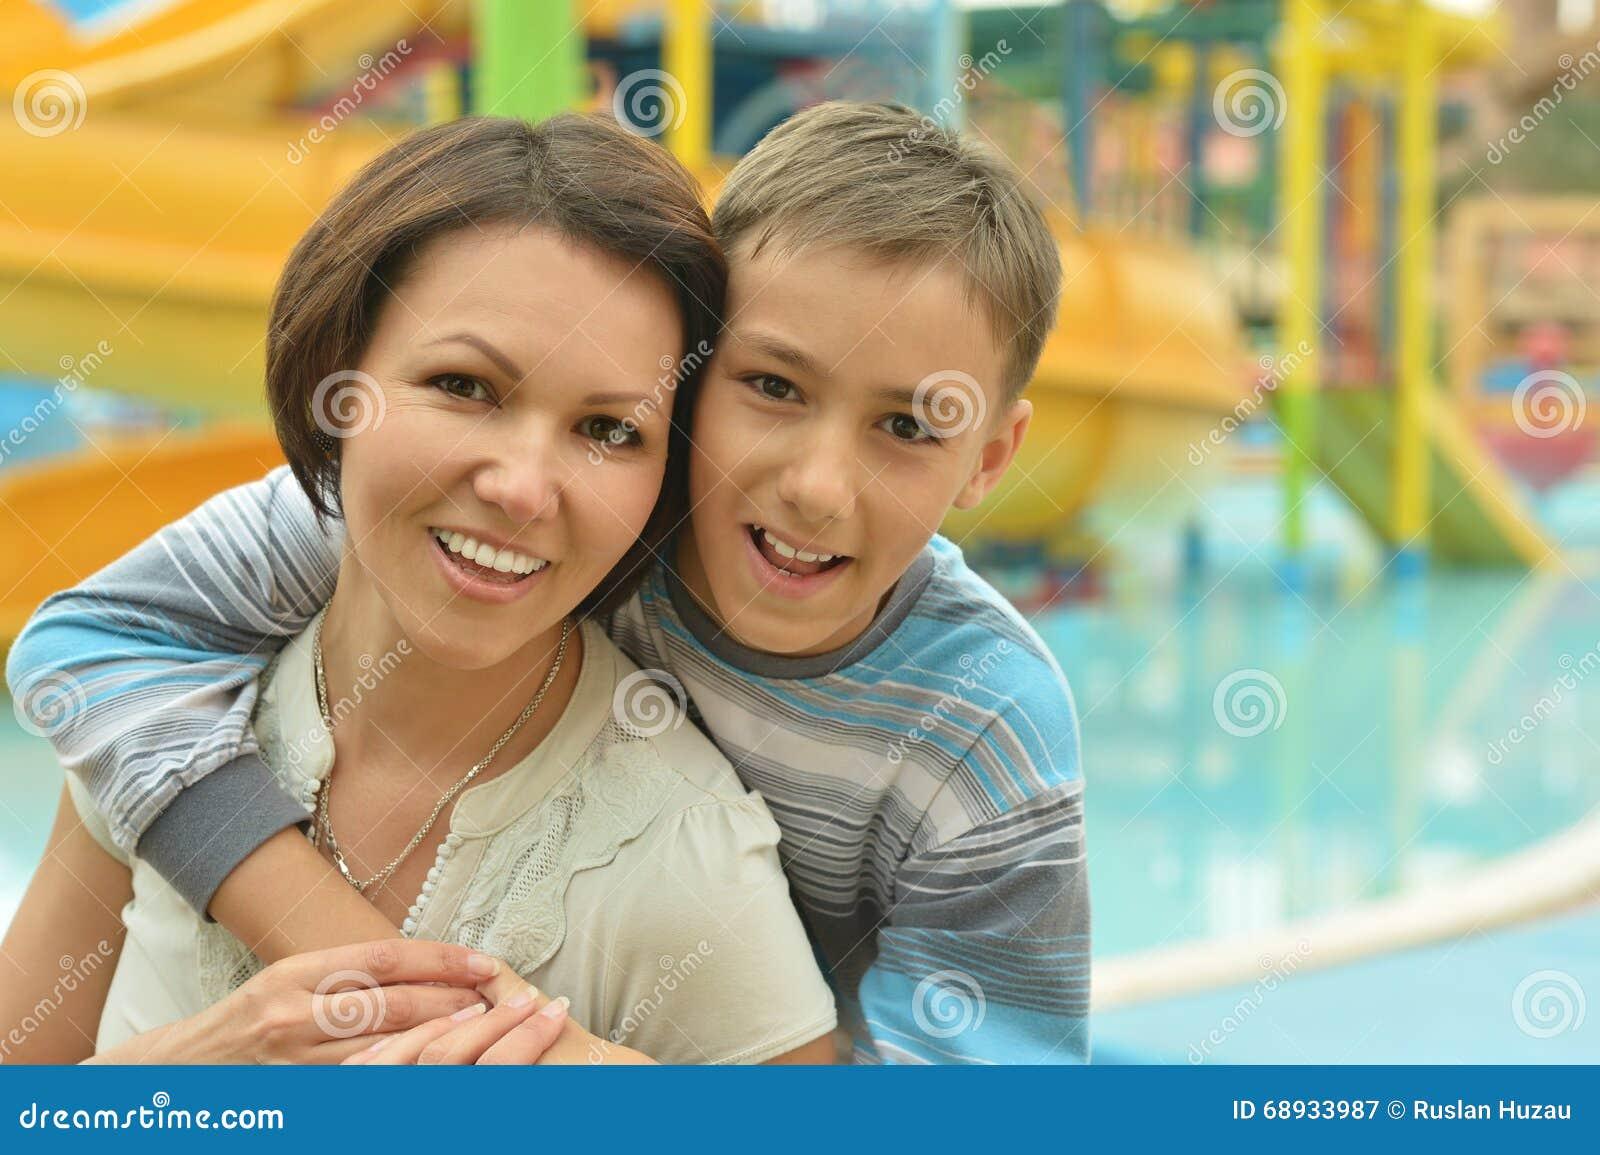 外国母亲与儿子性交图片_愉快的母亲和儿子度假村的在水池附近.